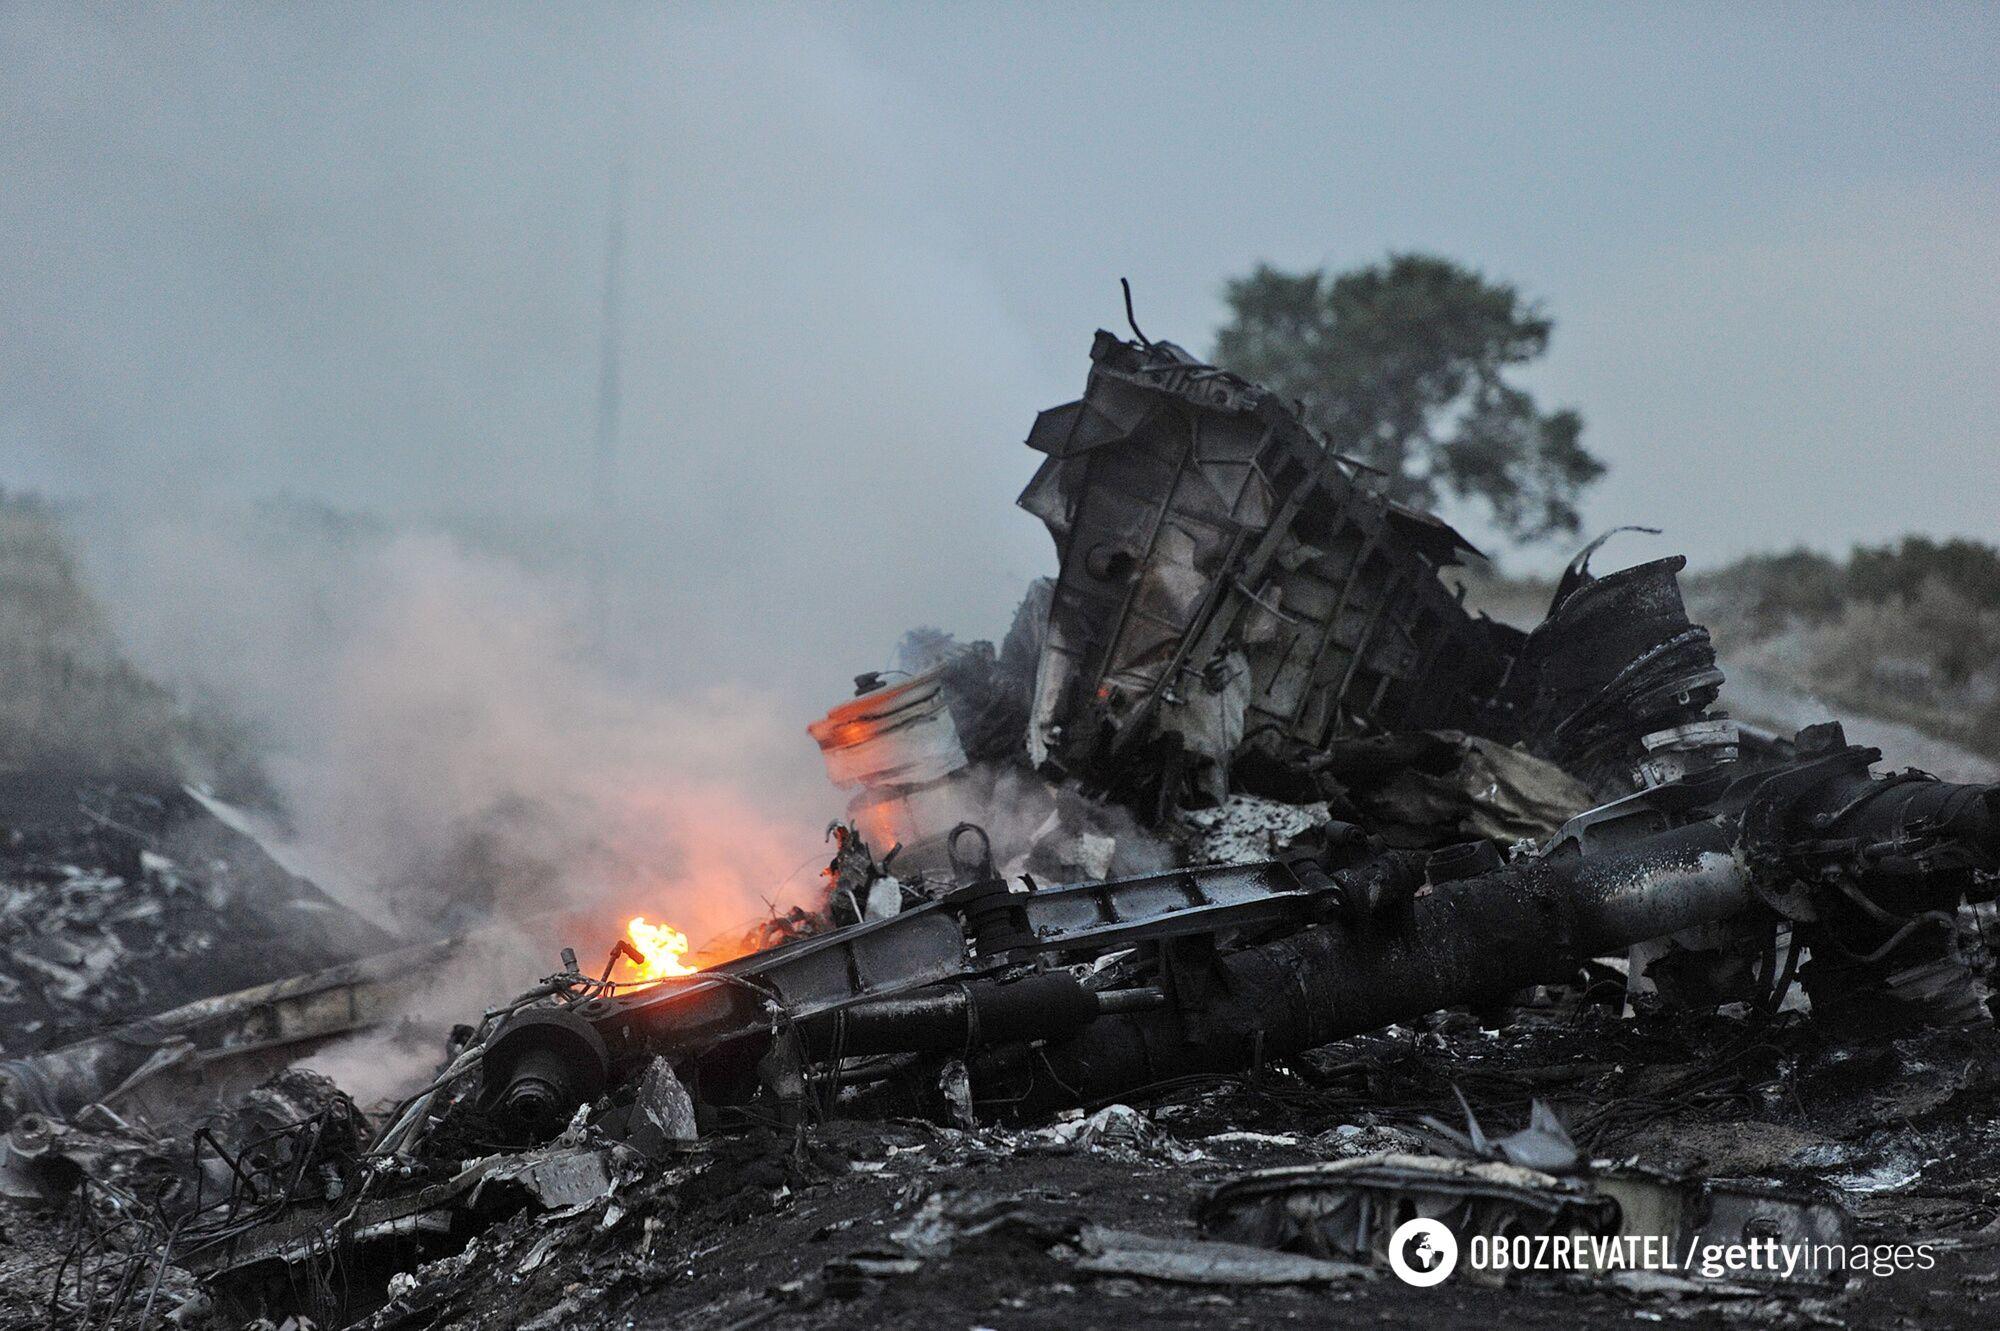 Збитий на Донбасі рейс МН17, 2014 рік